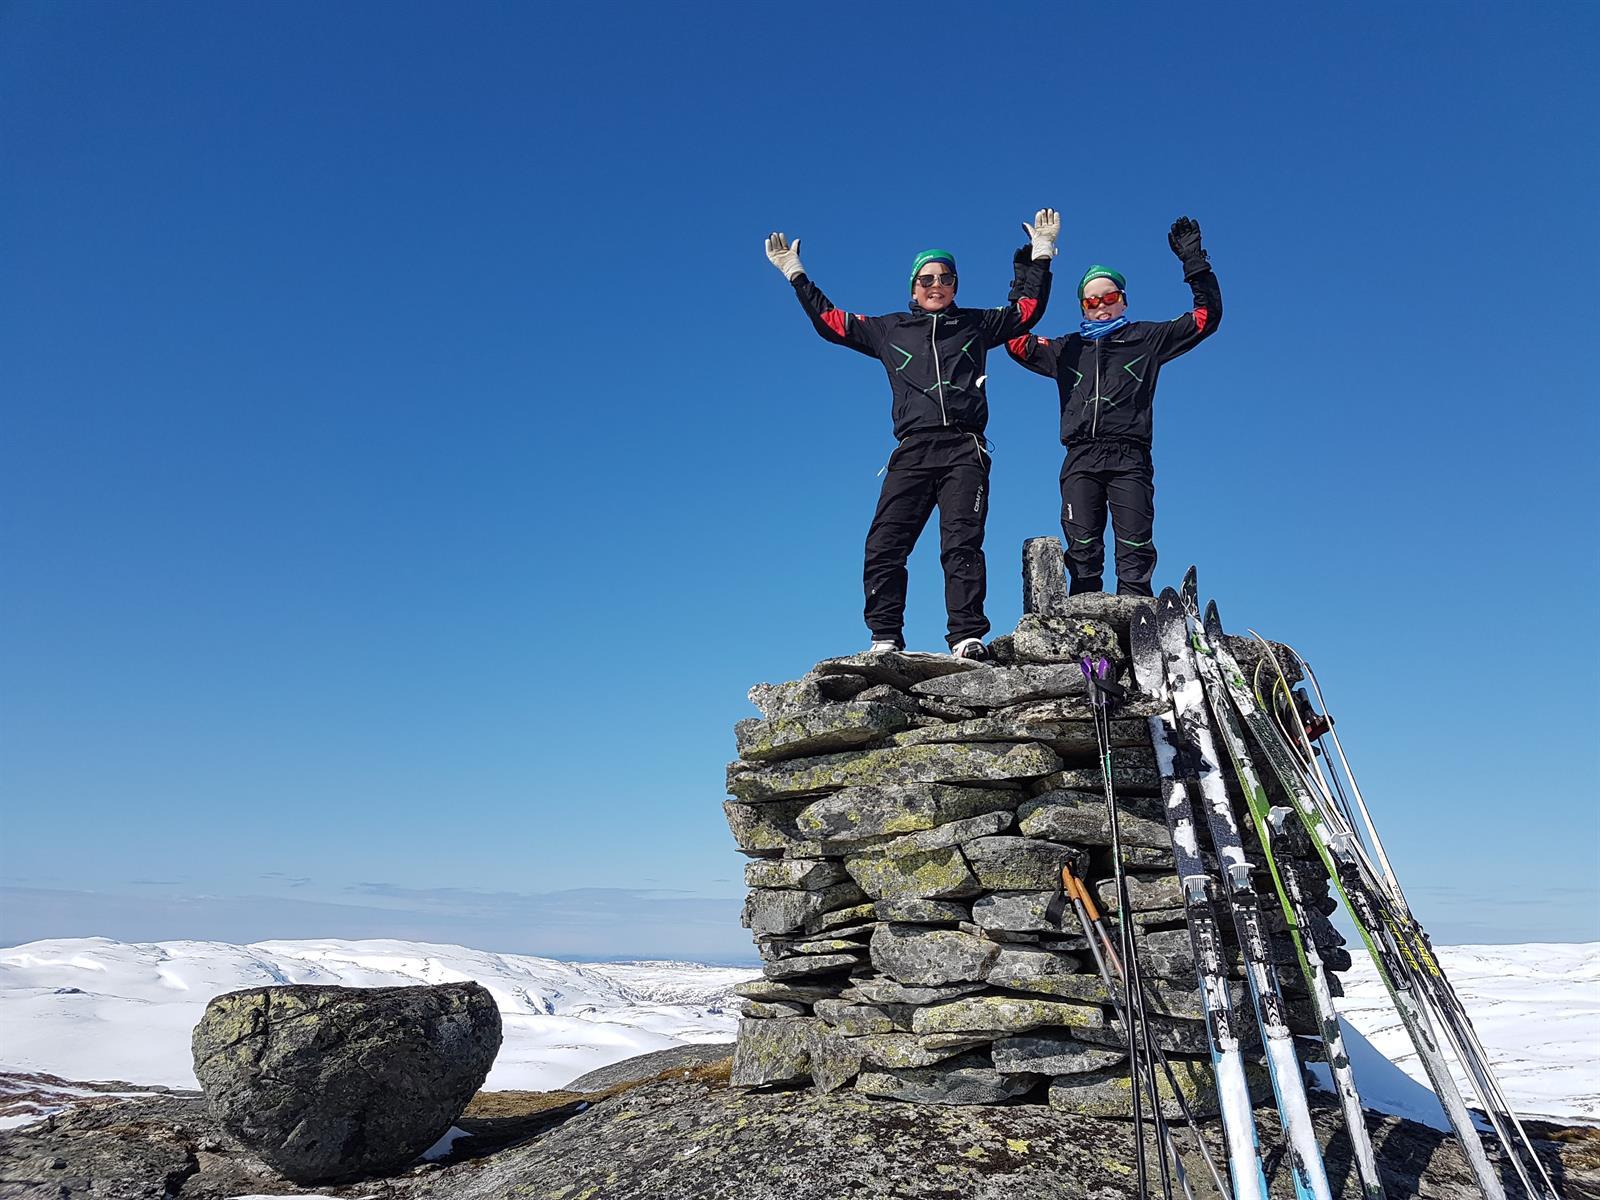 Turforslag: Indre Høgaksla 691 moh.